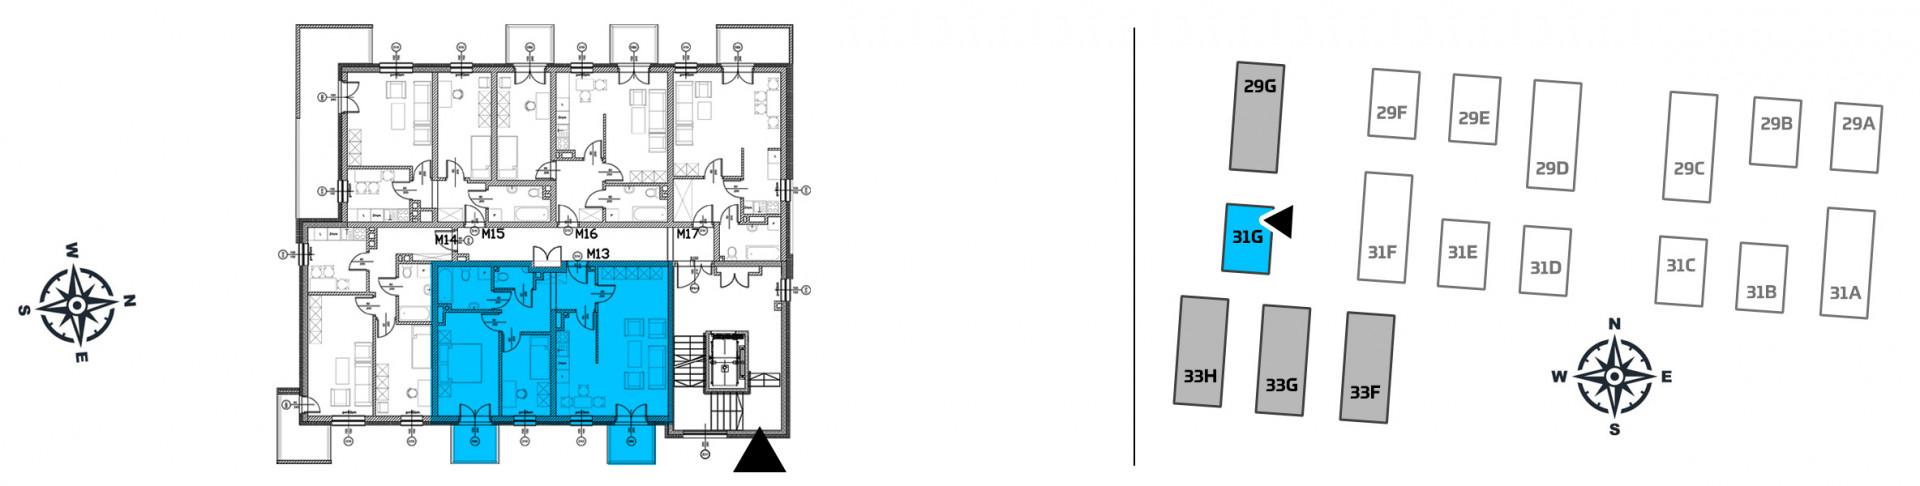 Mieszkanie trzypokojowe 31G/13 rzut 2